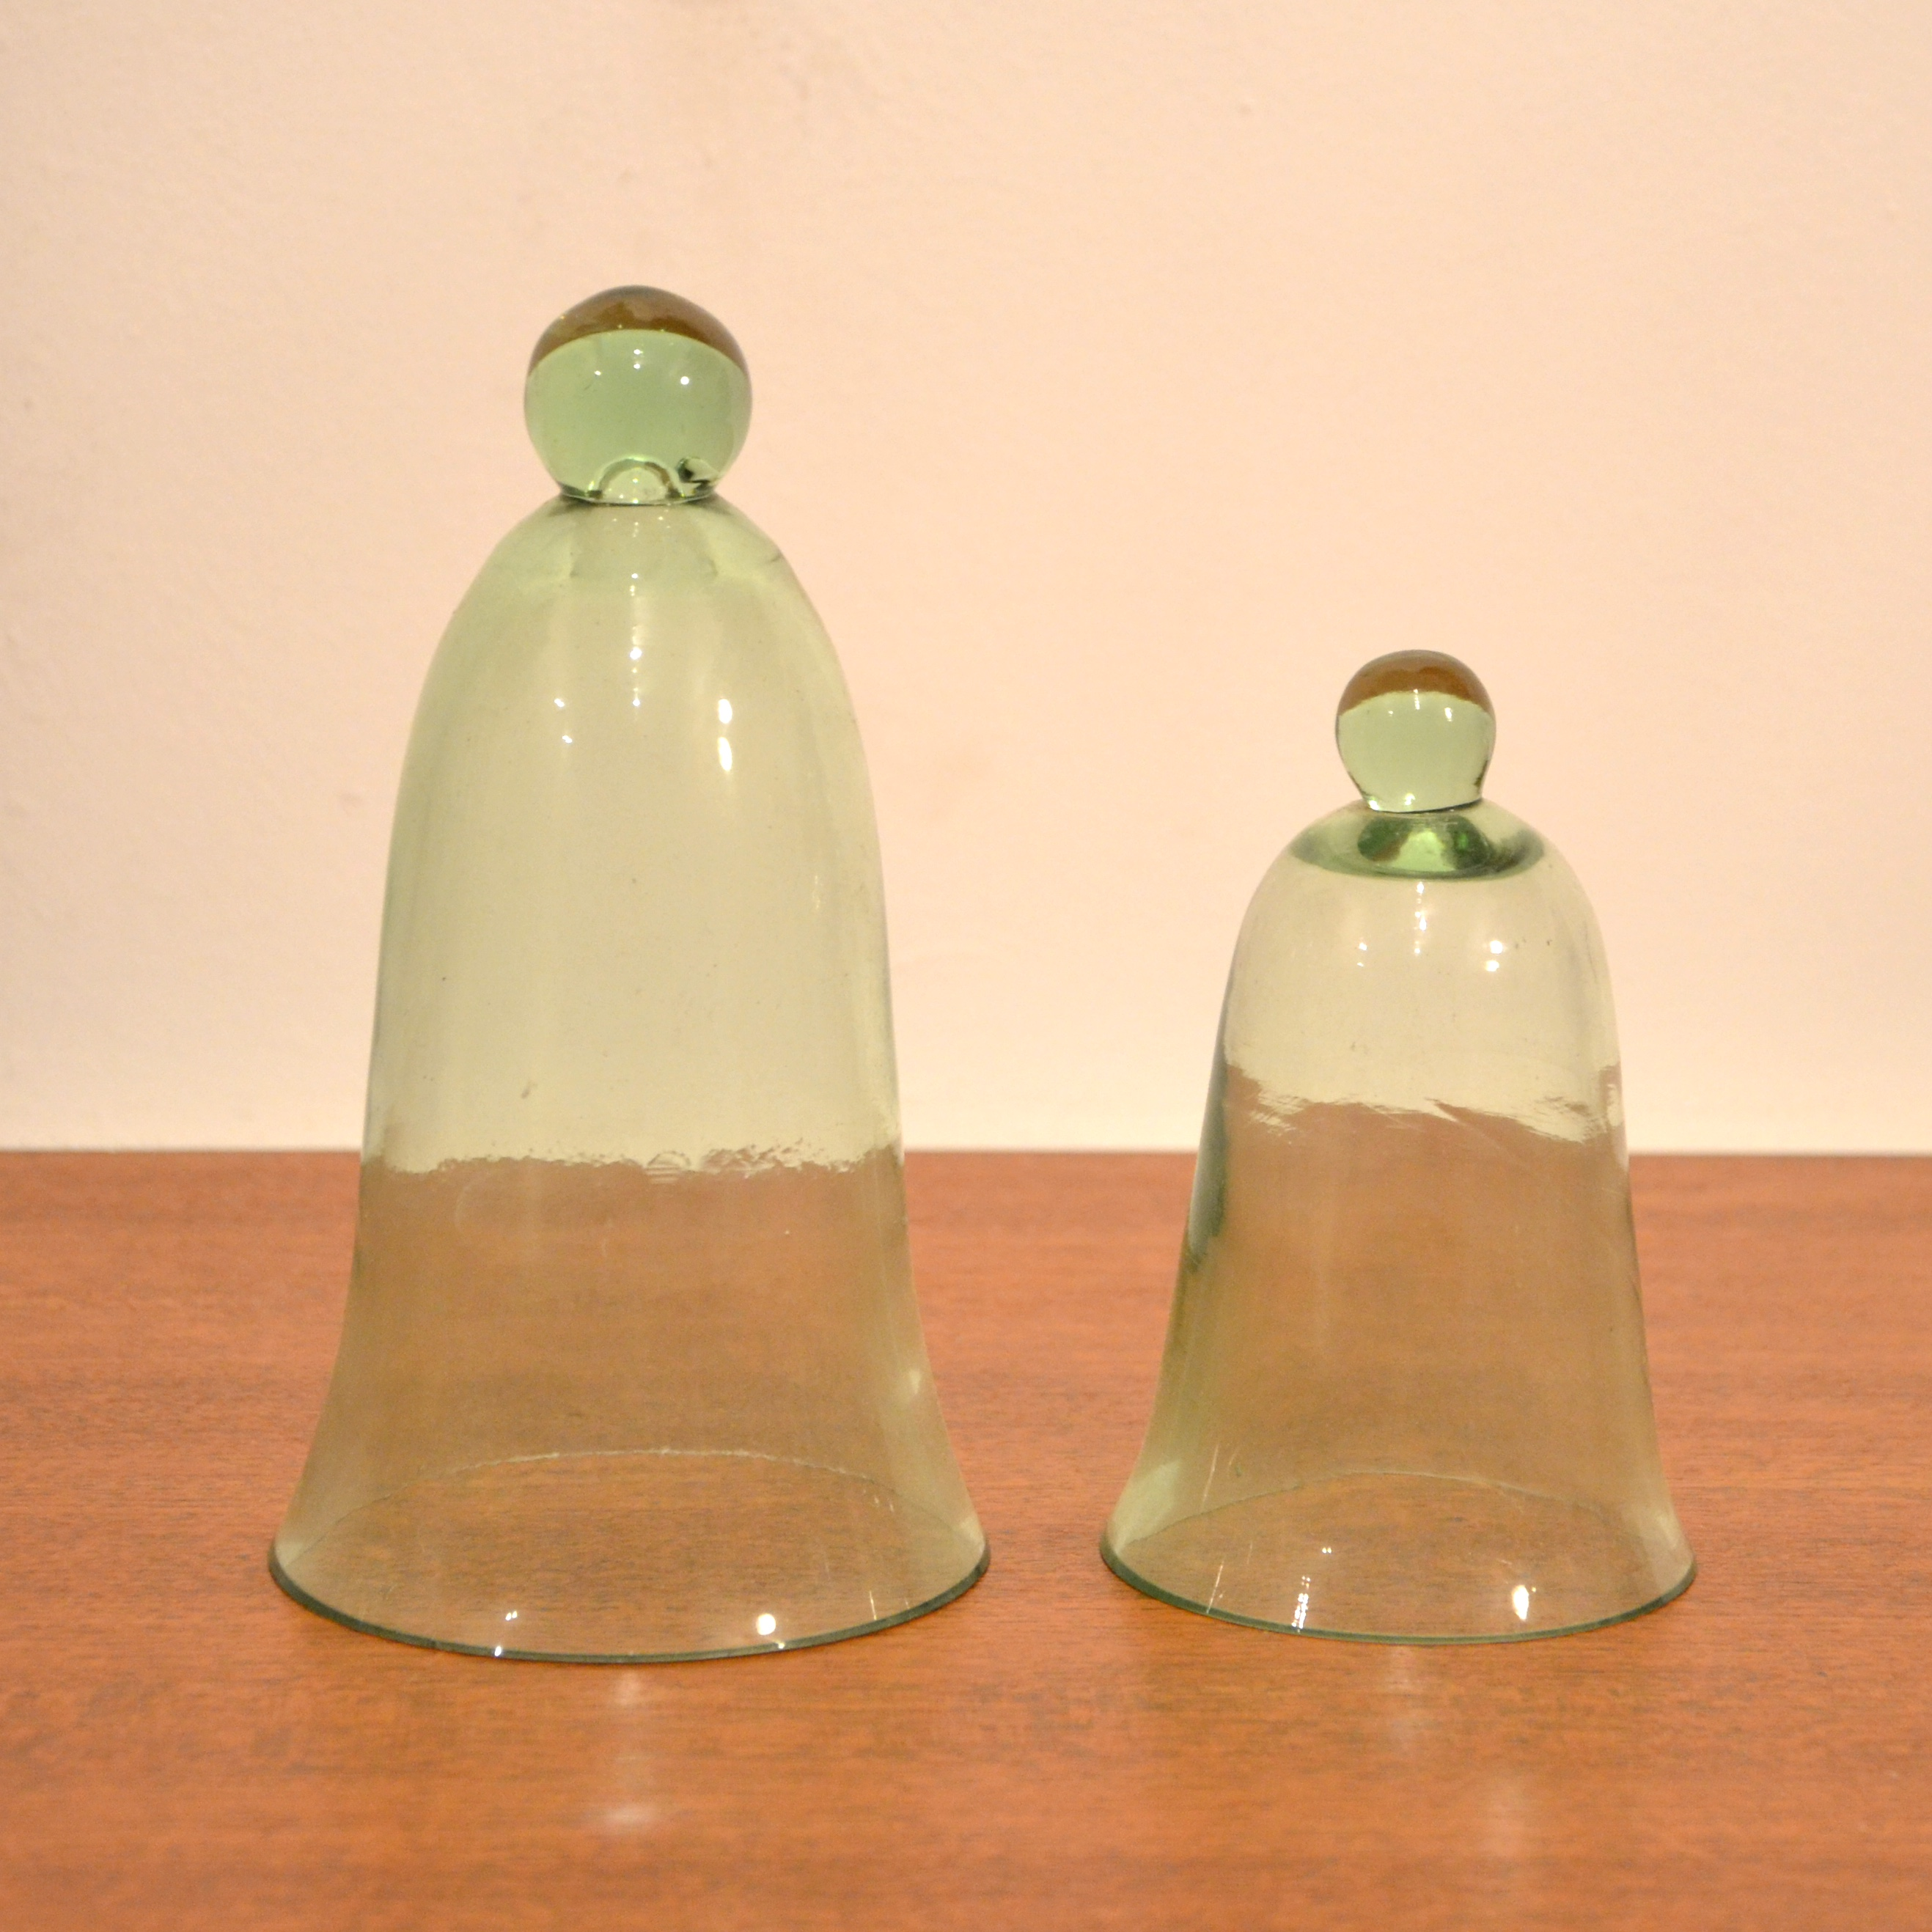 duo de cloches en verre vert bindiesbindies. Black Bedroom Furniture Sets. Home Design Ideas